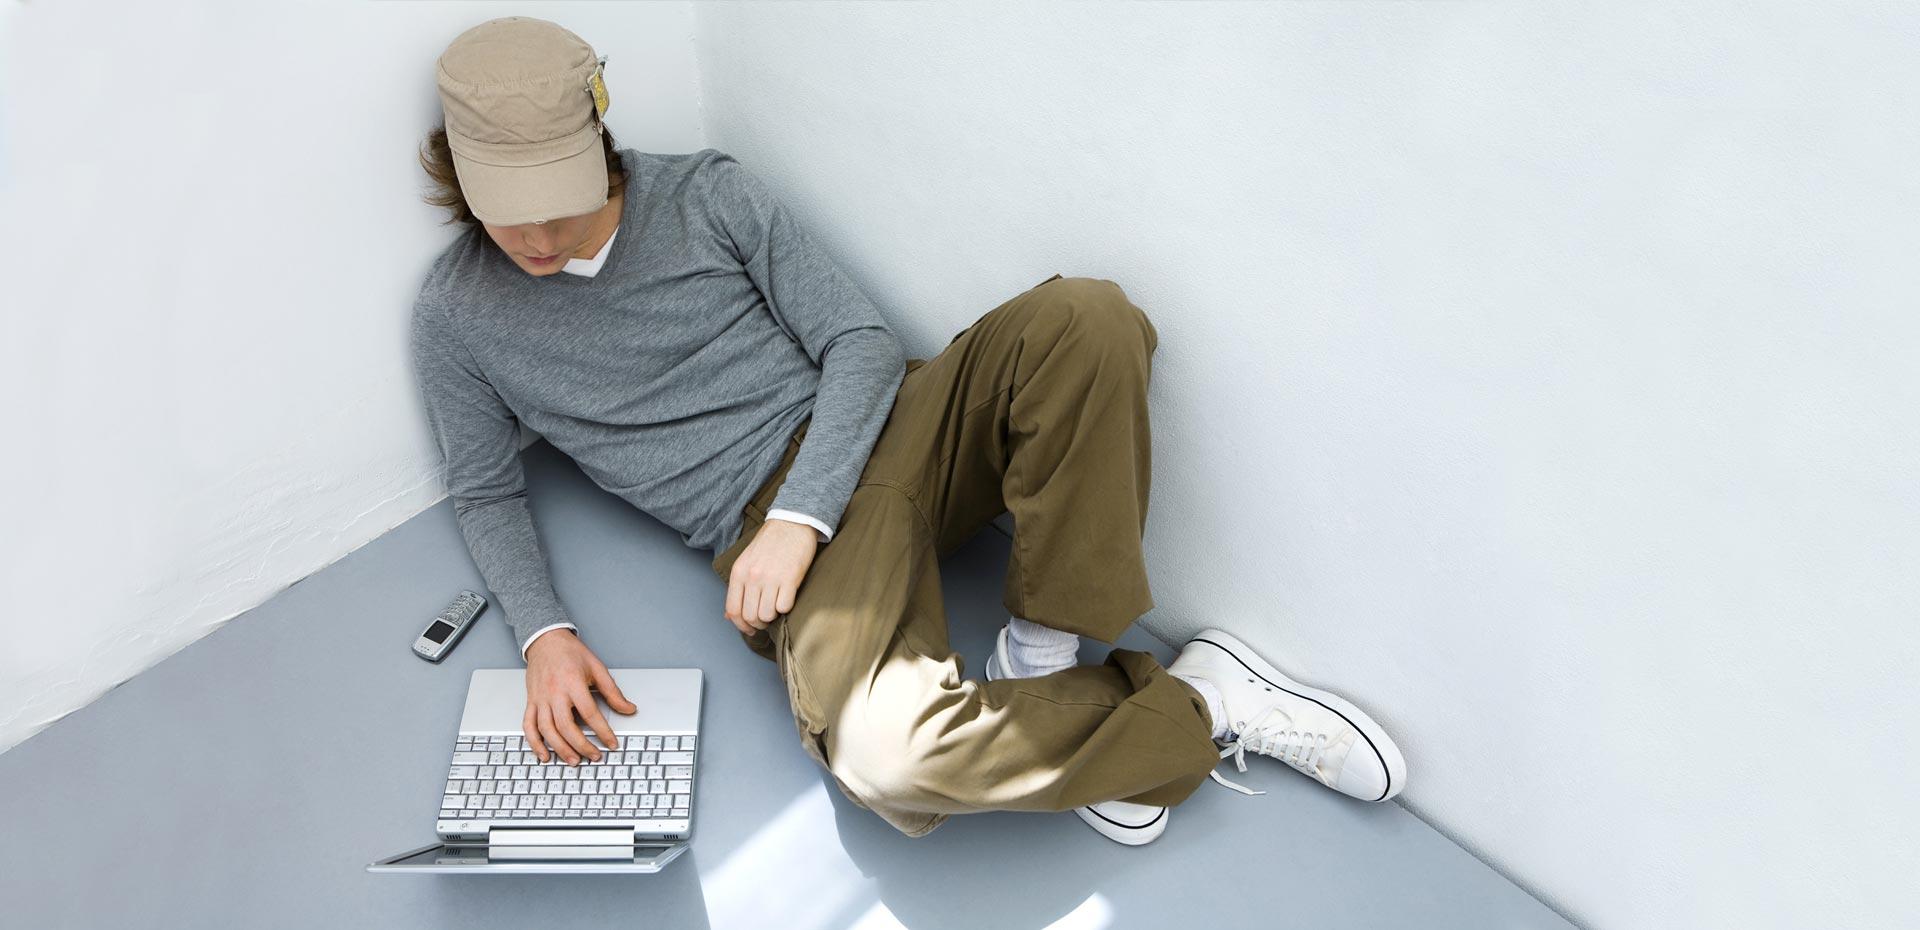 Junger Mann mit Computer halb liegend in einer Zimmerecke